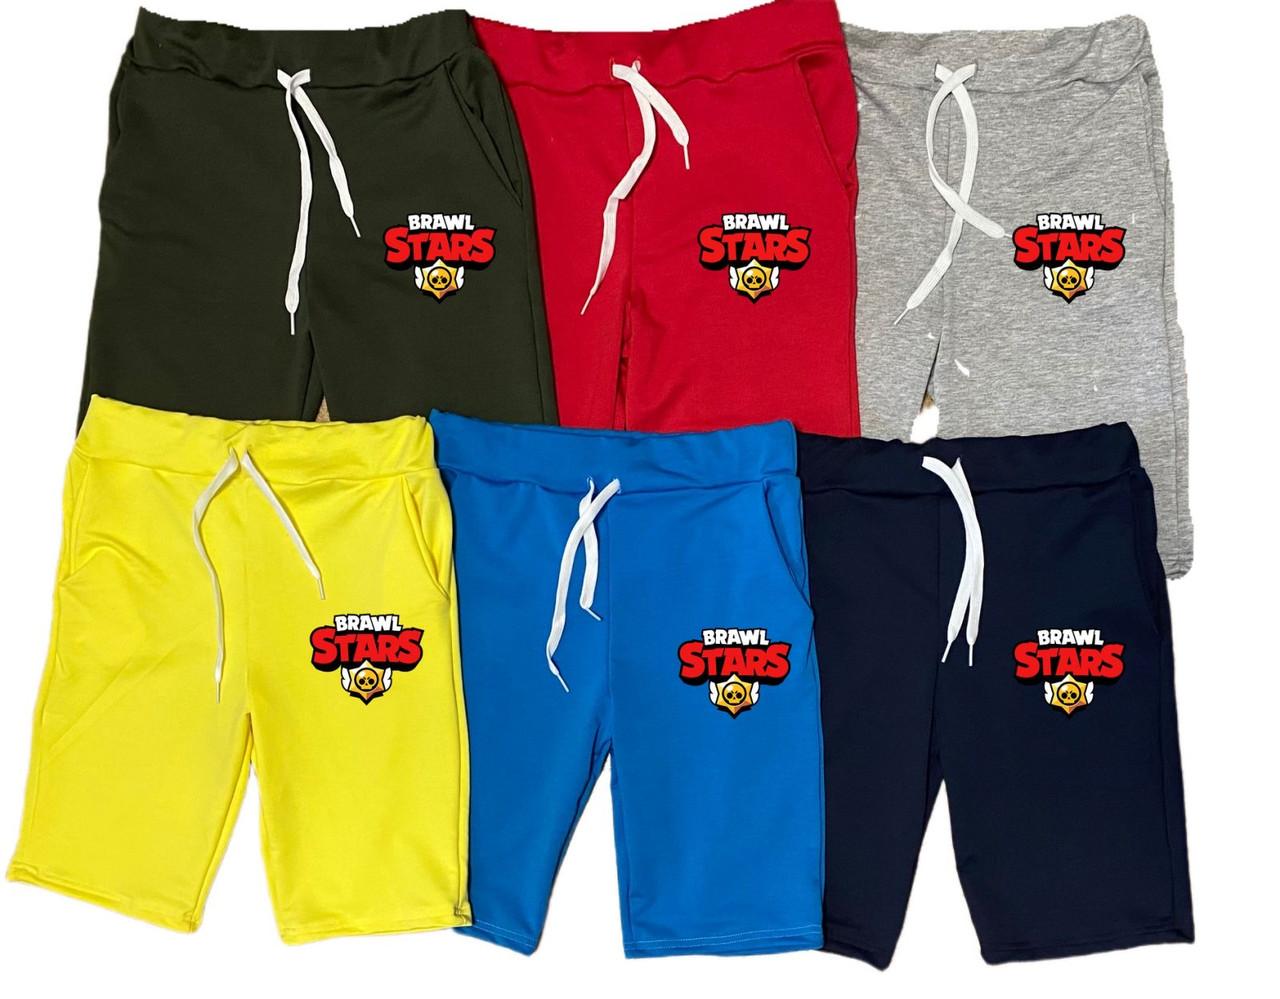 Детские шорты для мальчика с карманами Бравл Старс, 2-16 лет